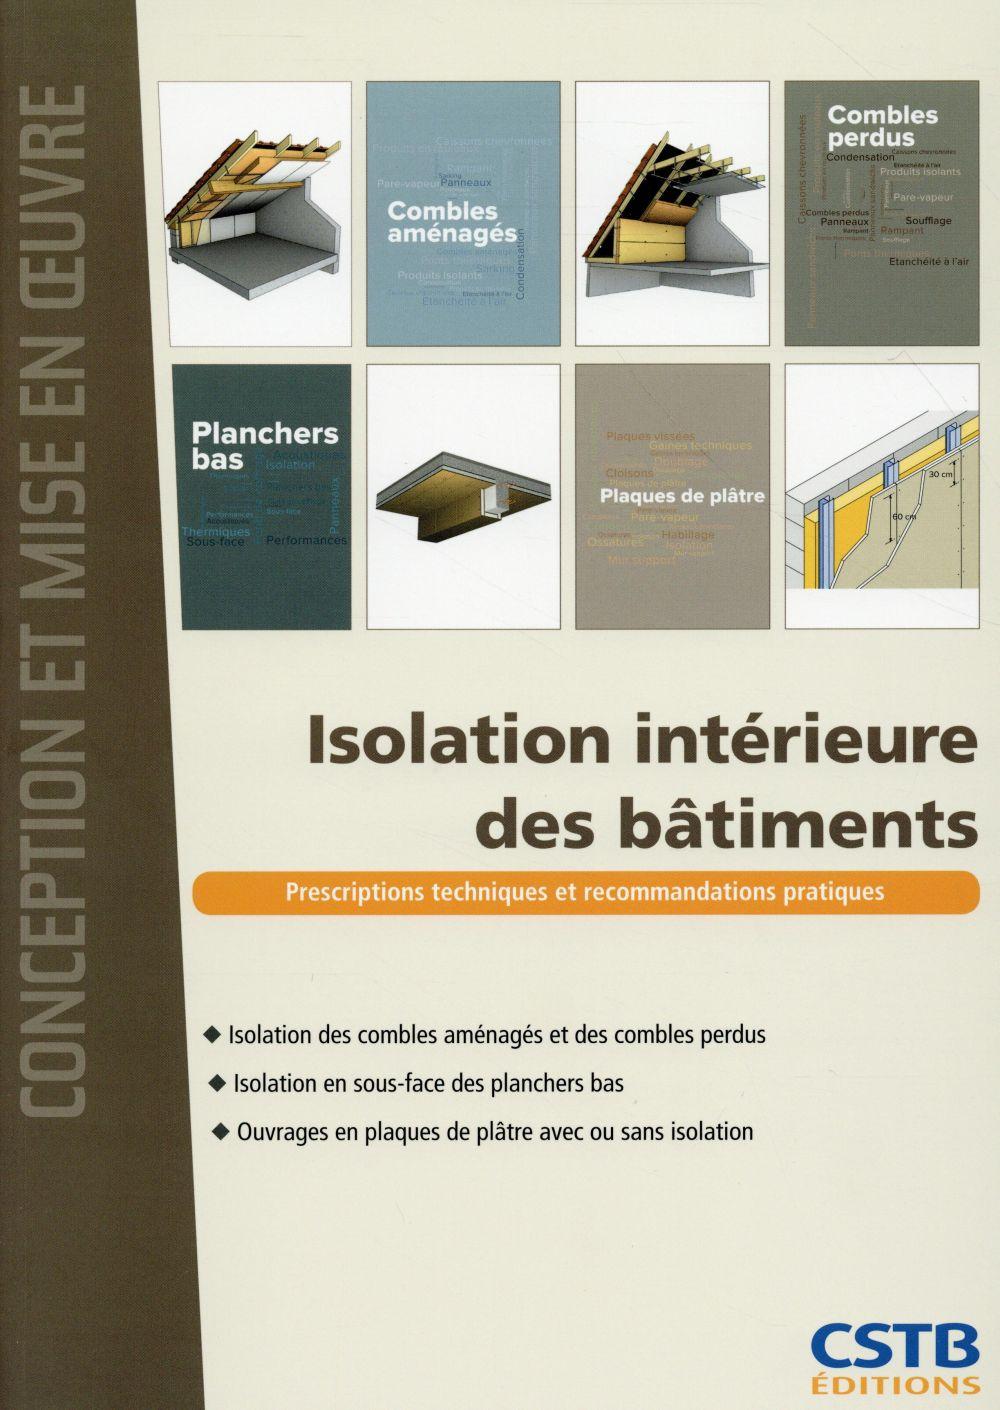 Isolation intérieure des bâtiments